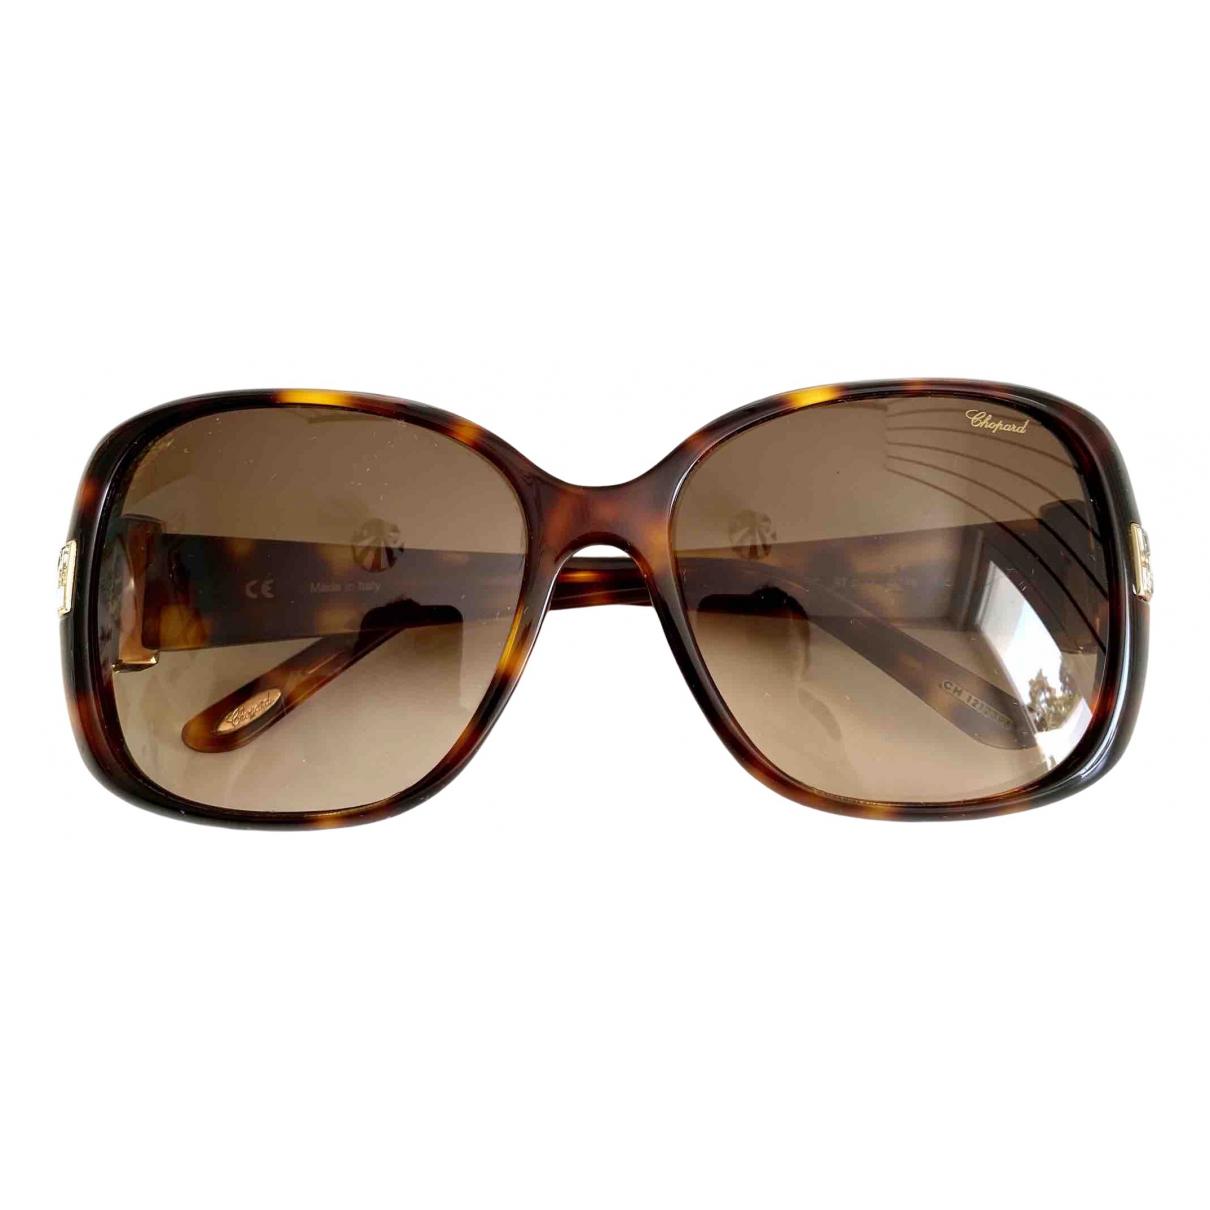 Gafas oversize Chopard